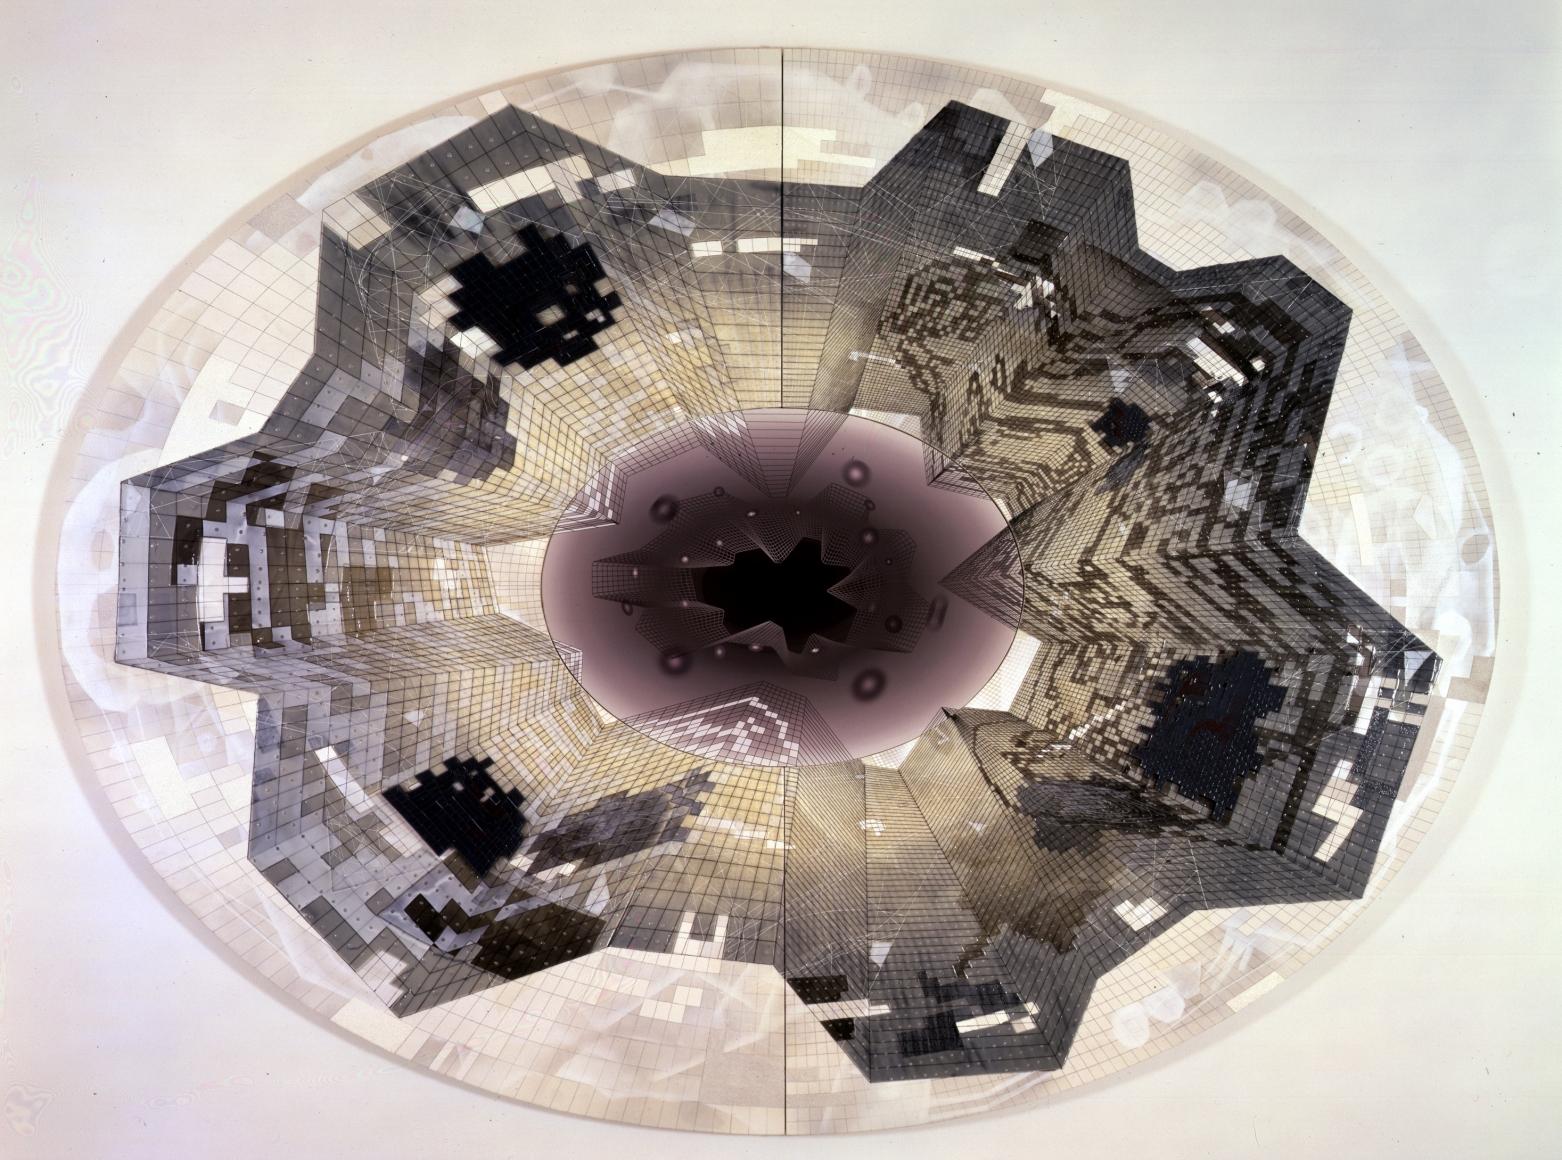 PEDRO BARBEITO, Spaceland, 2000